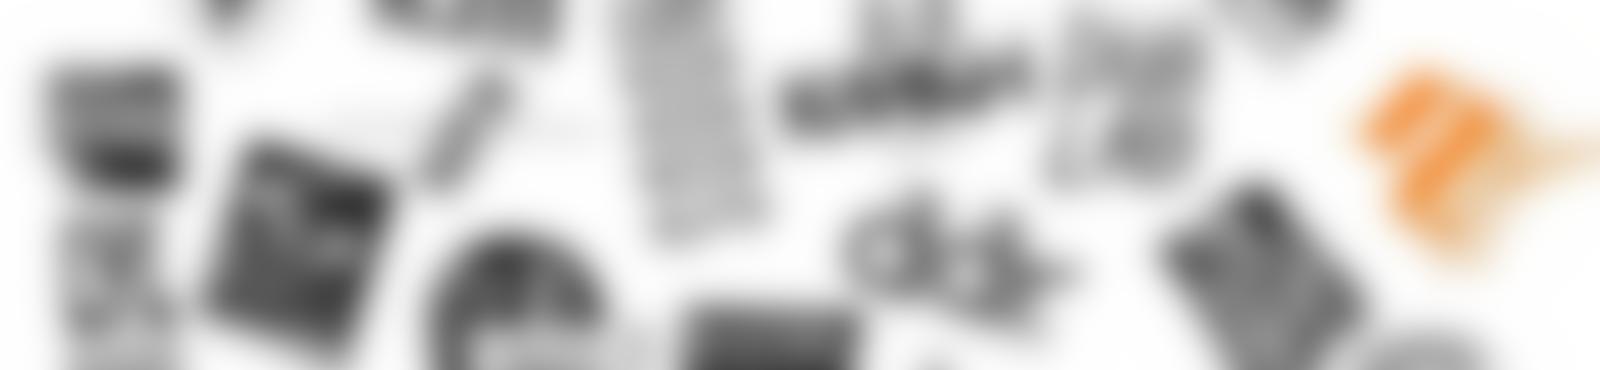 Blurred 1b503ca0 f994 4948 a1c5 e811e5781975